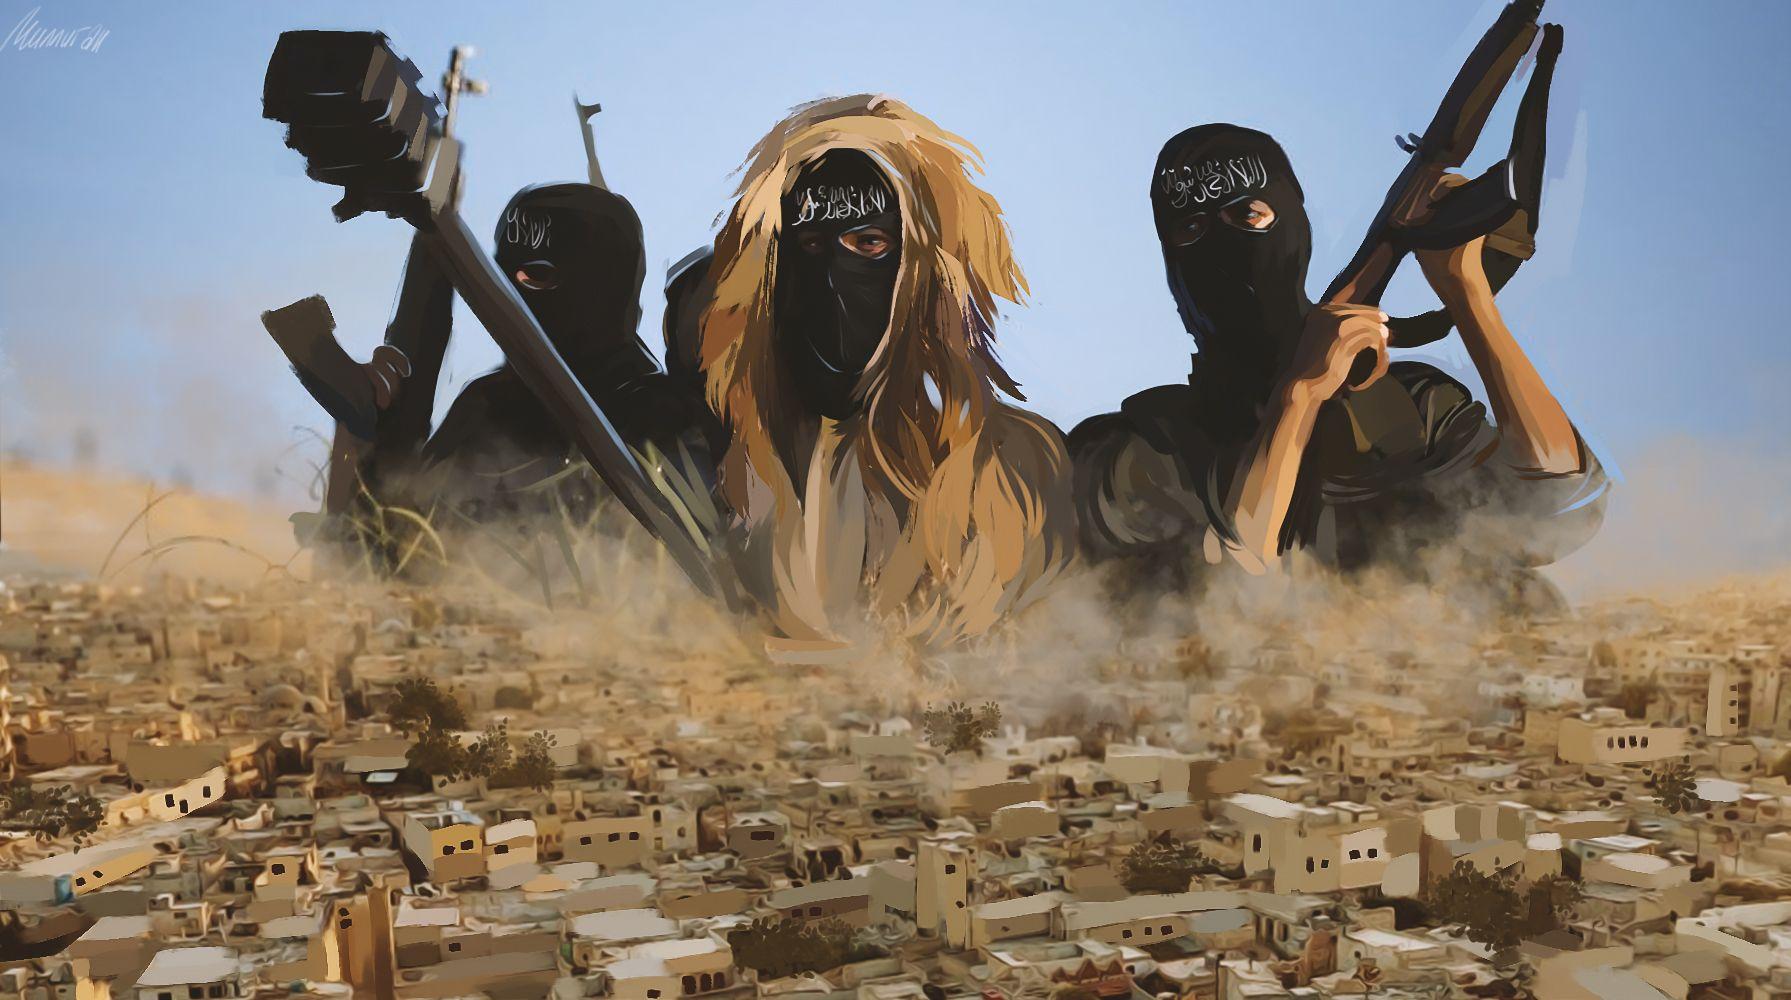 Глава ФСБ рассказал, что в Афганистане у границ СНГ сосредоточено 5 тыс. террористов